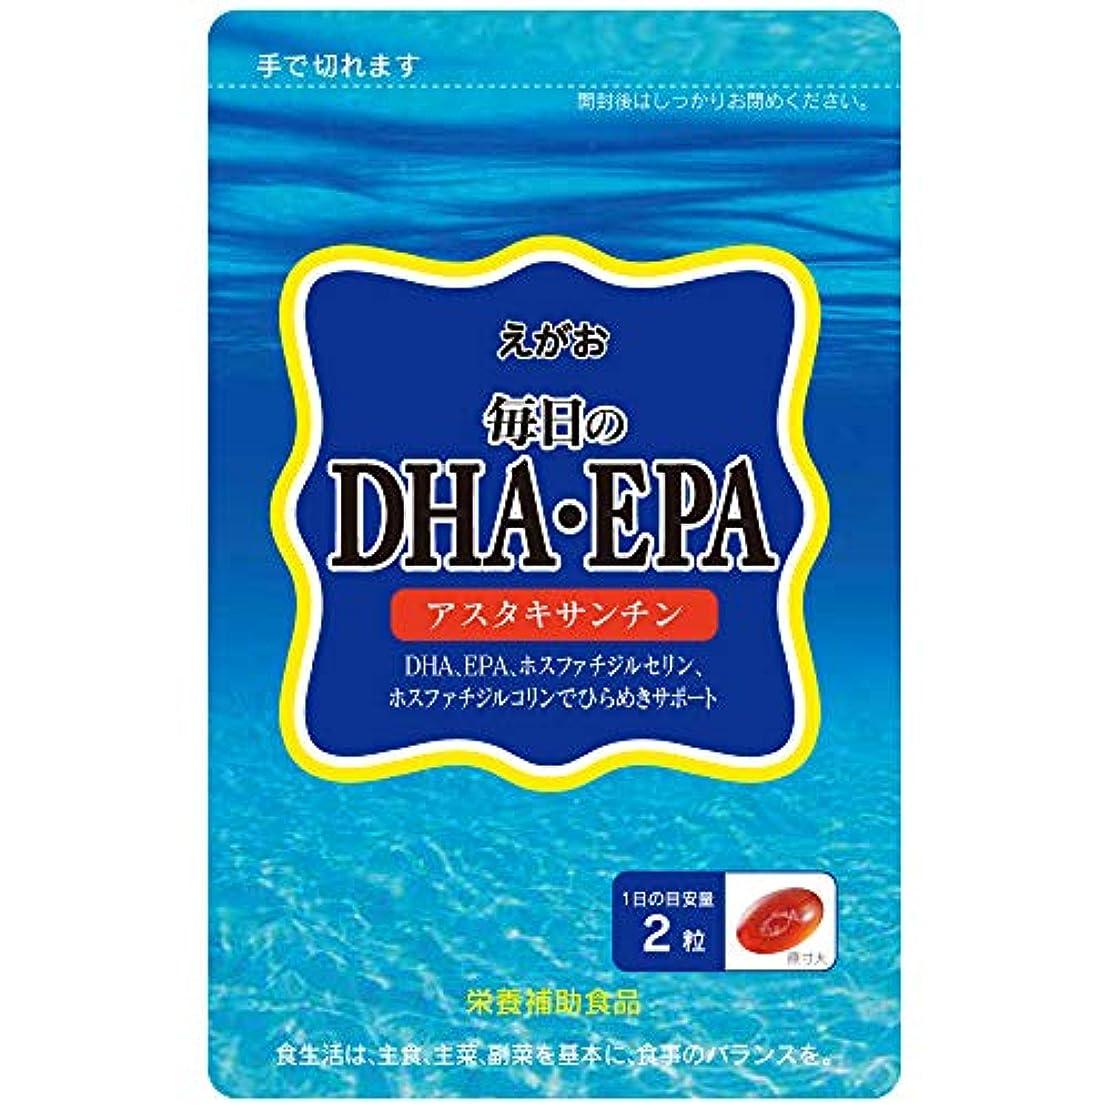 のぞき穴到着する限られたえがお 毎日の DHA ? EPA 【1袋】(1袋/62粒入り 約1ヵ月分) 栄養補助食品